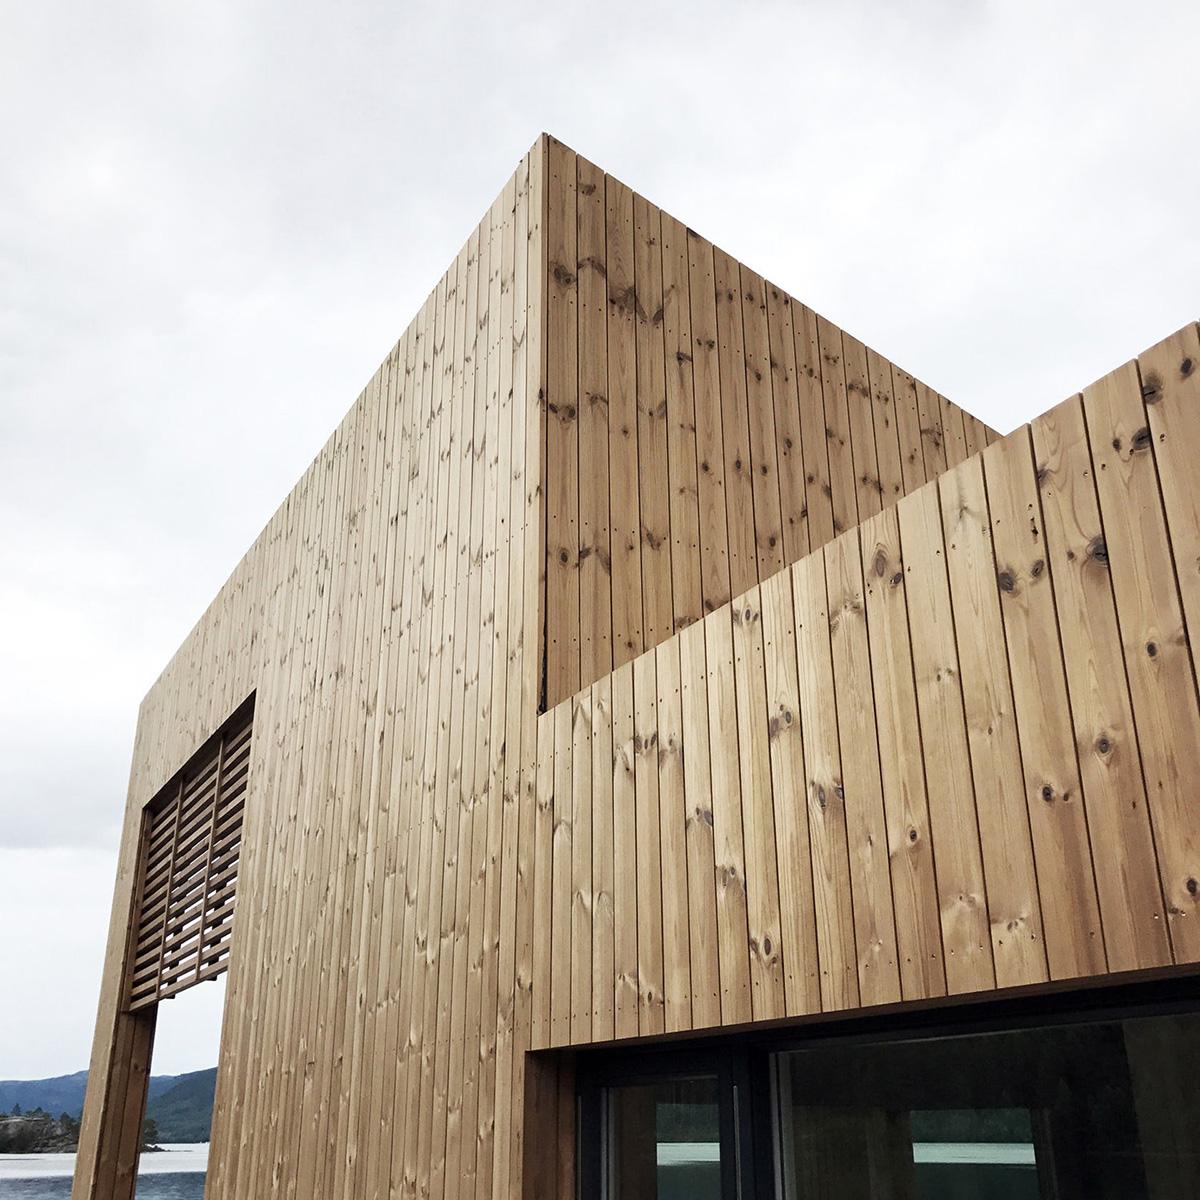 04-nisser-micro-cabin-feste-landscape-architecture